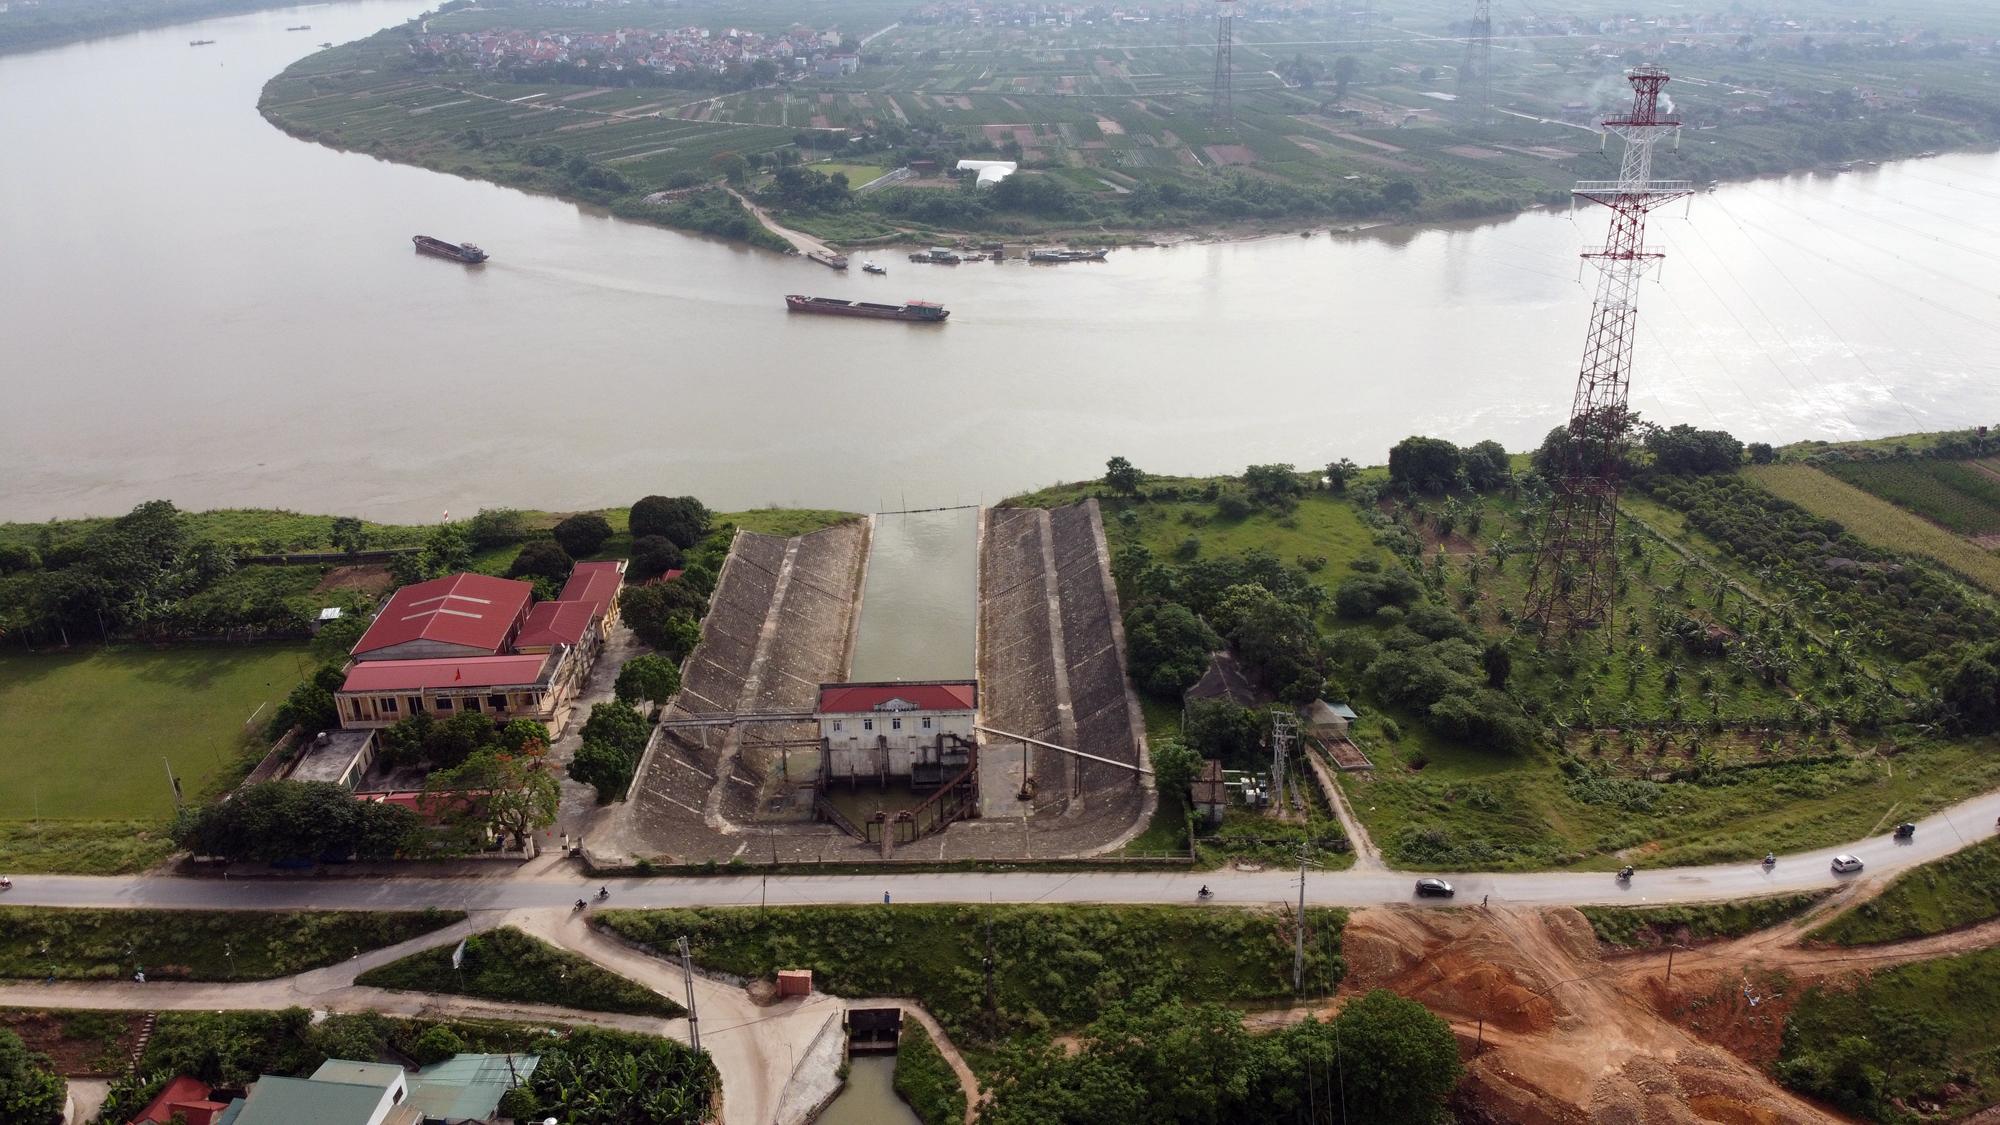 Cầu sẽ mở theo qui hoạch ở Hà Nội: Toàn cảnh vị trí làm cầu Mễ Sở nối Văn Giang - Thường Tín - Ảnh 4.